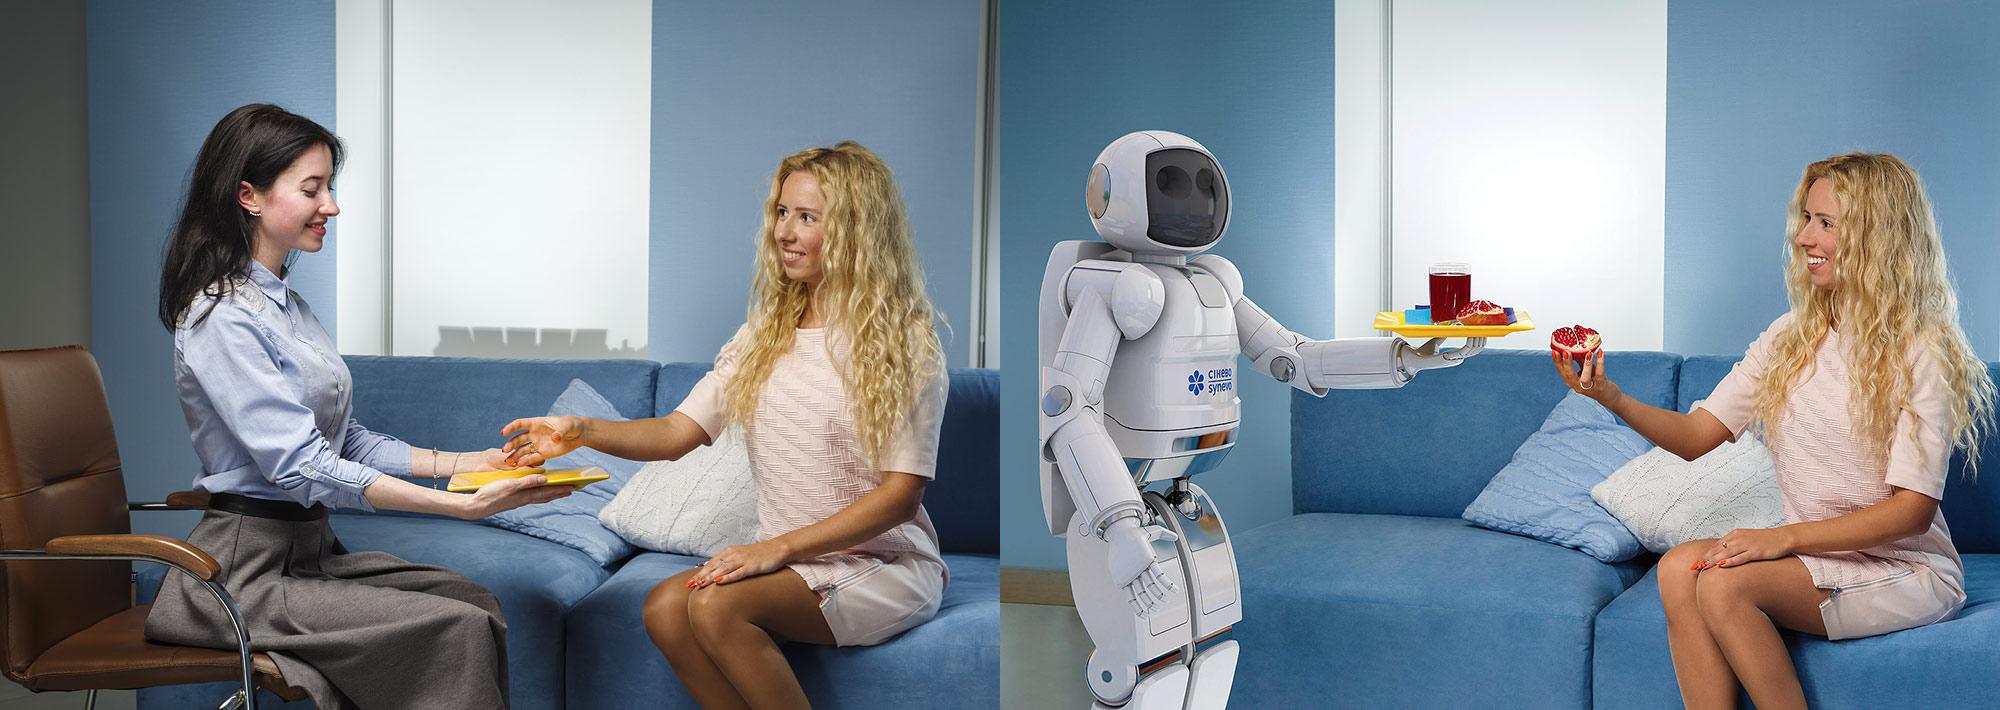 Создание сюжета для креативного календаря медицинской лаборатории «Синэво». Моделирование 3D робота, дополненная реальность.